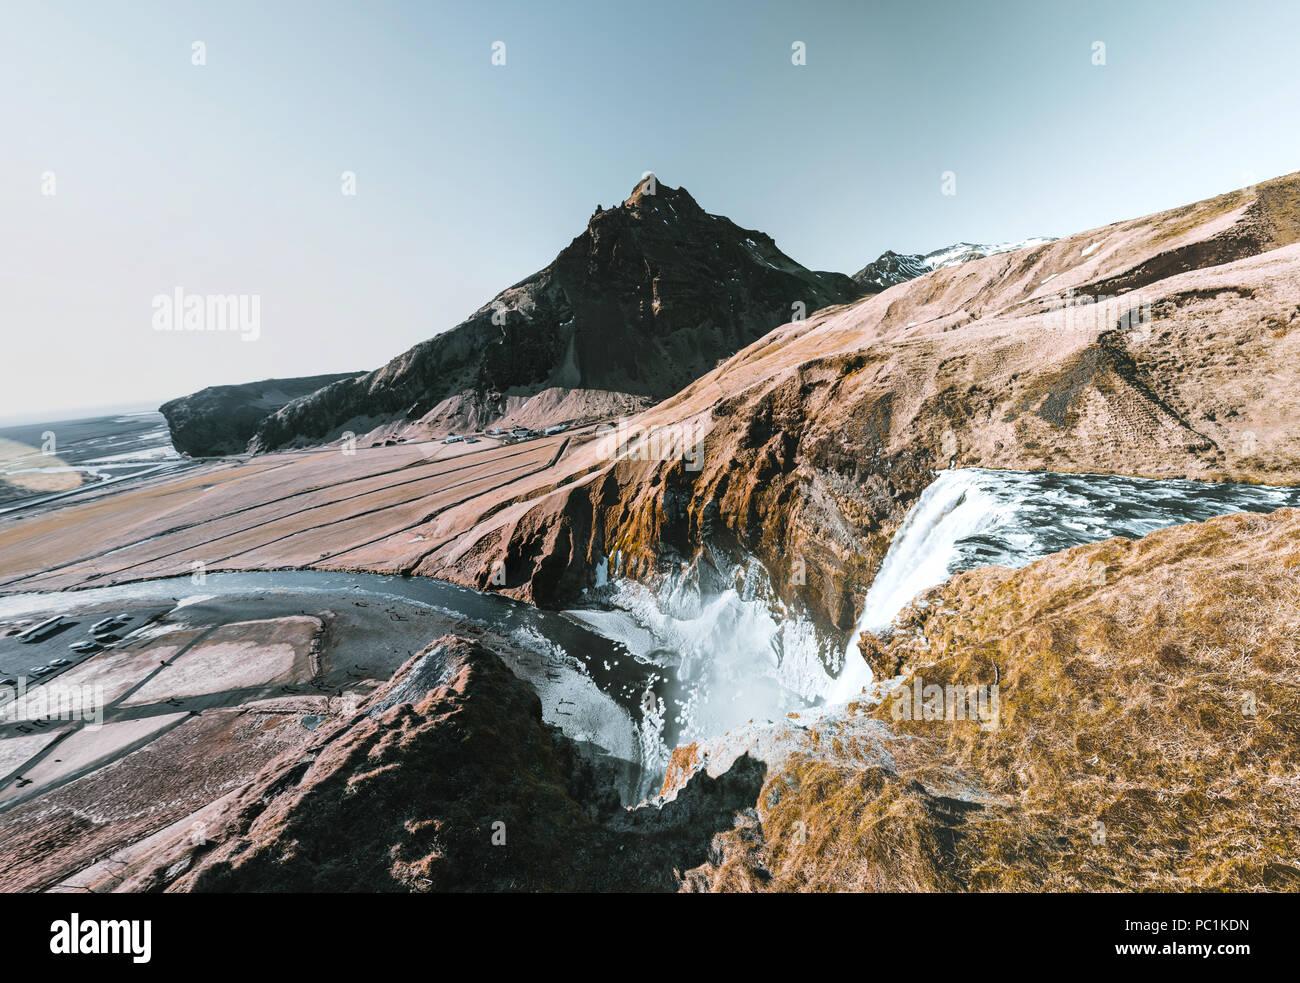 Islandia fantásticas vistas del paisaje con río y montaña con cielo azul, en un día soleado. Imagen De Stock